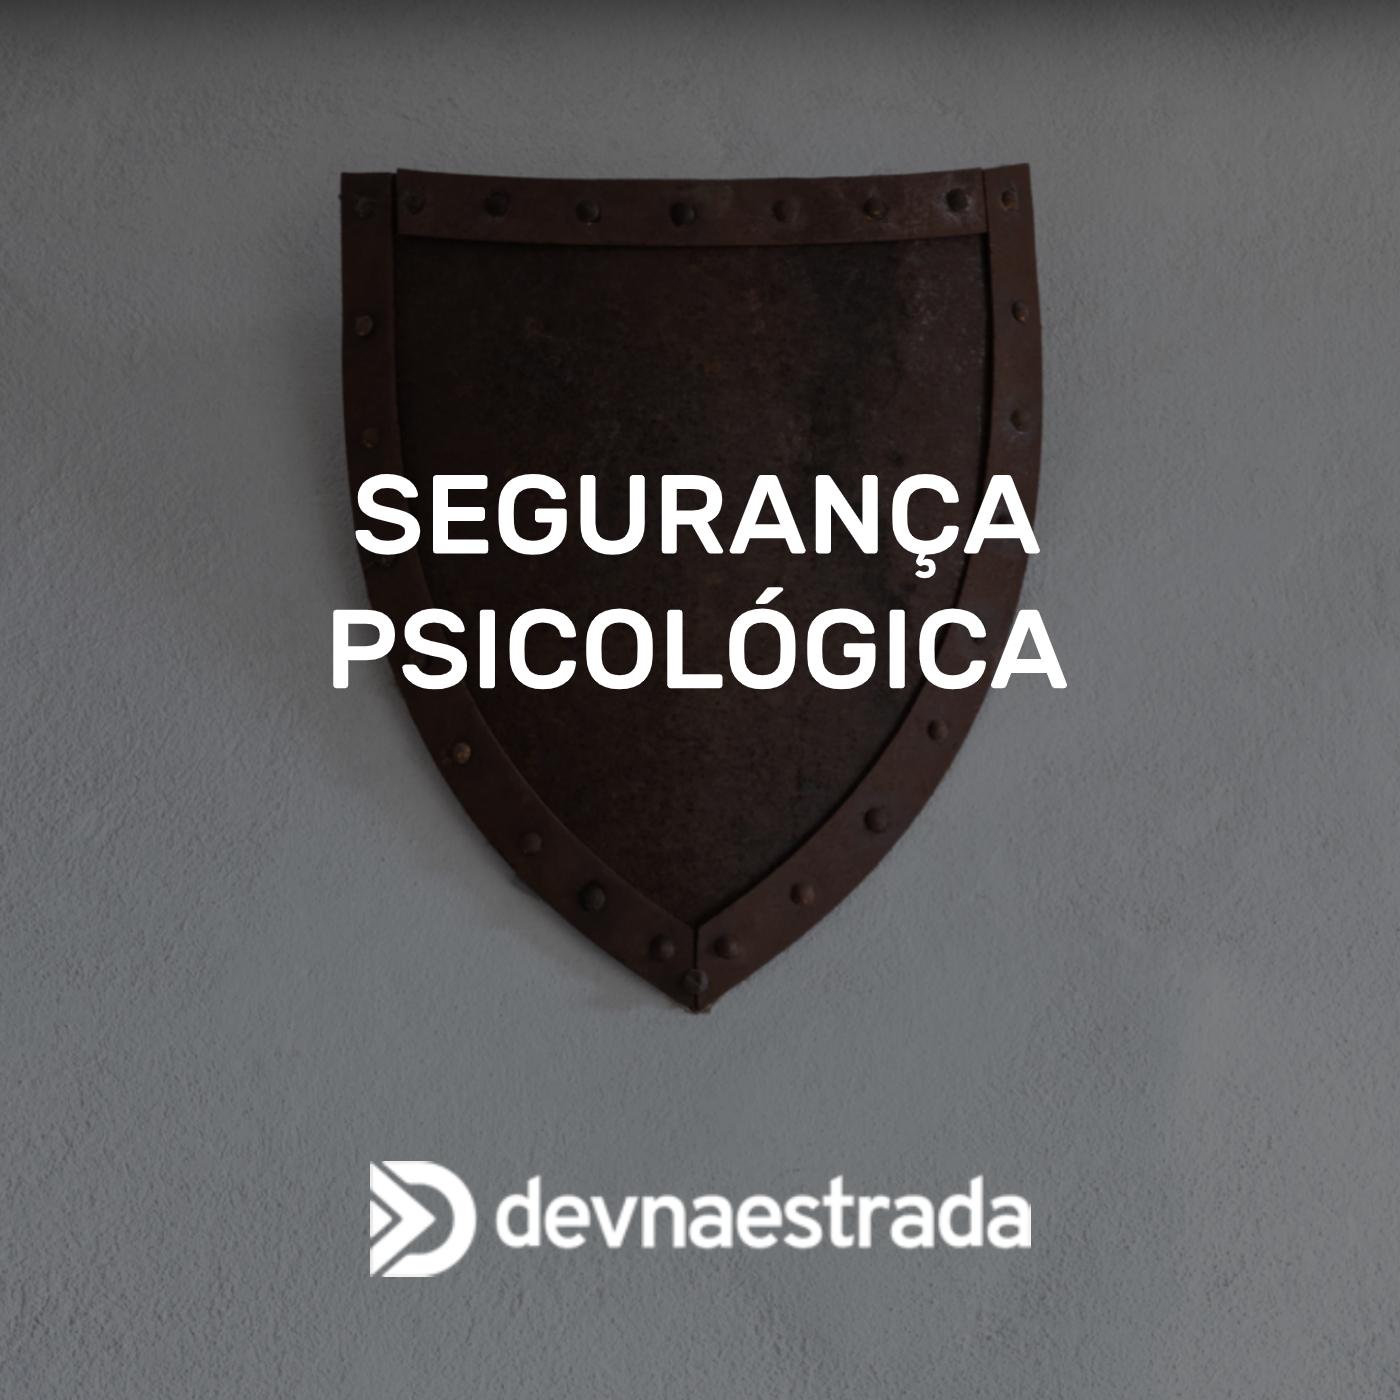 Segurança Psicológica